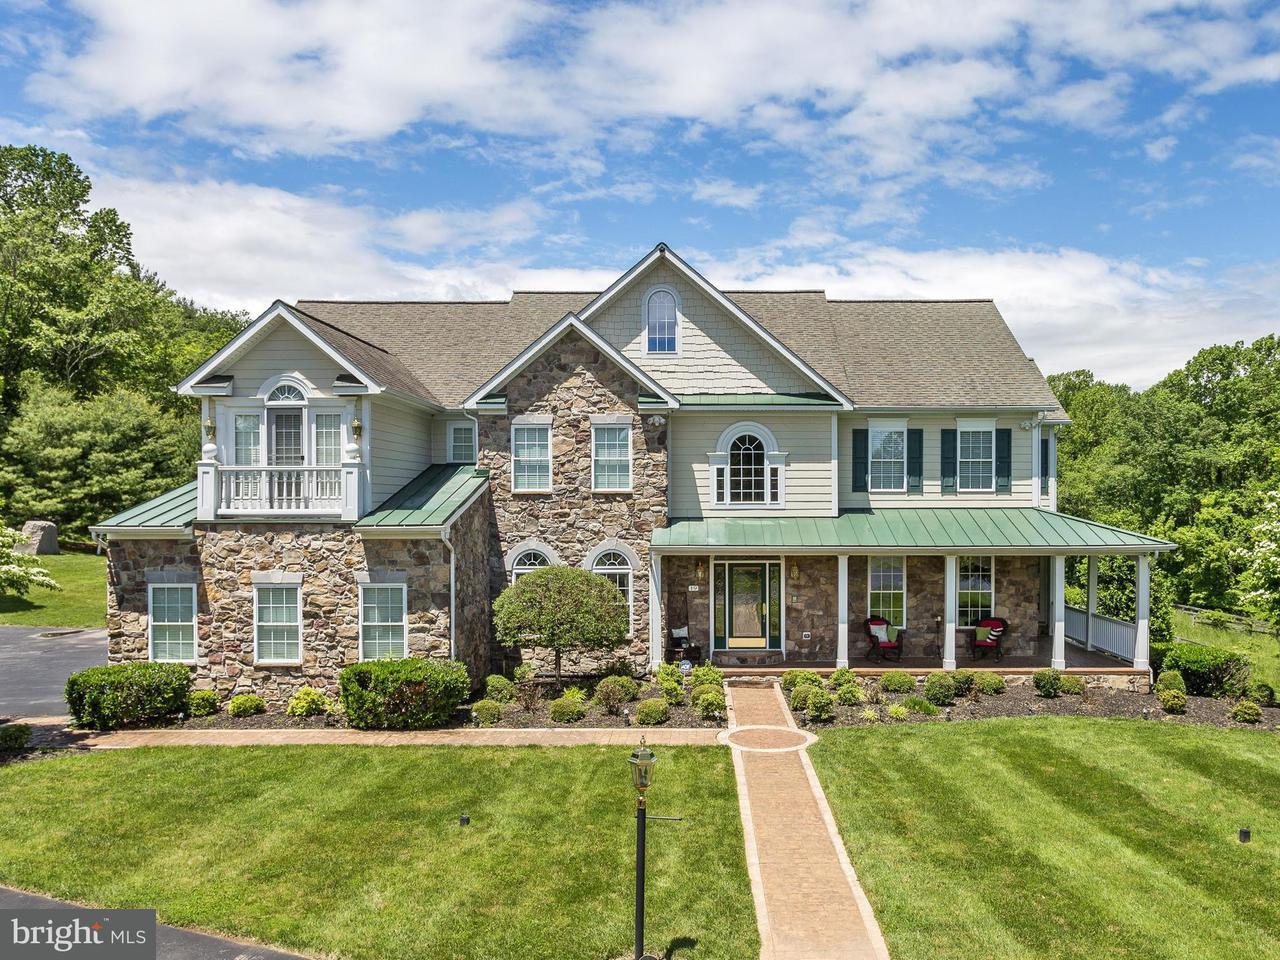 一戸建て のために 売買 アット 19 BONDI WAY 19 BONDI WAY Reisterstown, メリーランド 21136 アメリカ合衆国